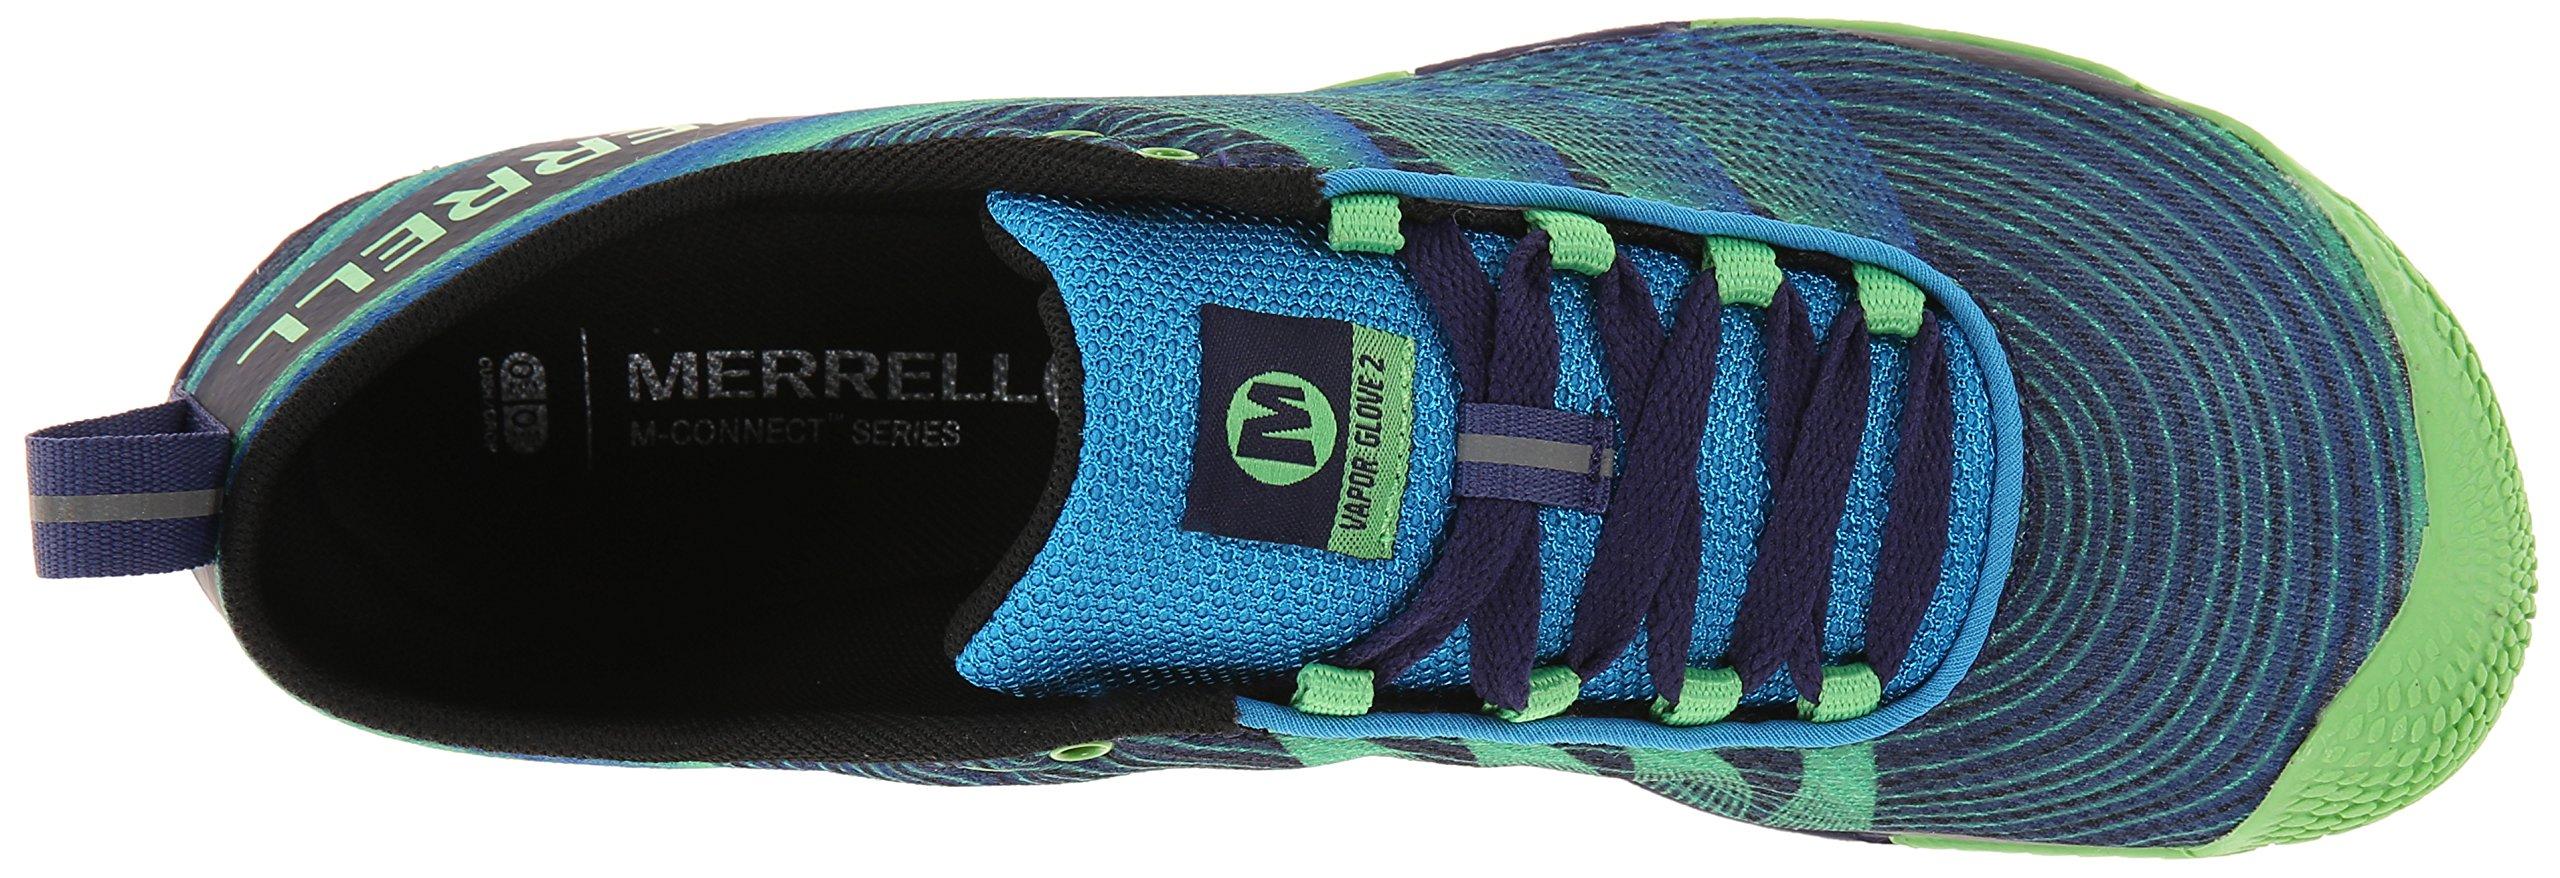 Merrell Men's Vapor Glove 2 Trail Running Shoe, Racer Blue/Bright Green, 9.5 M US by Merrell (Image #8)